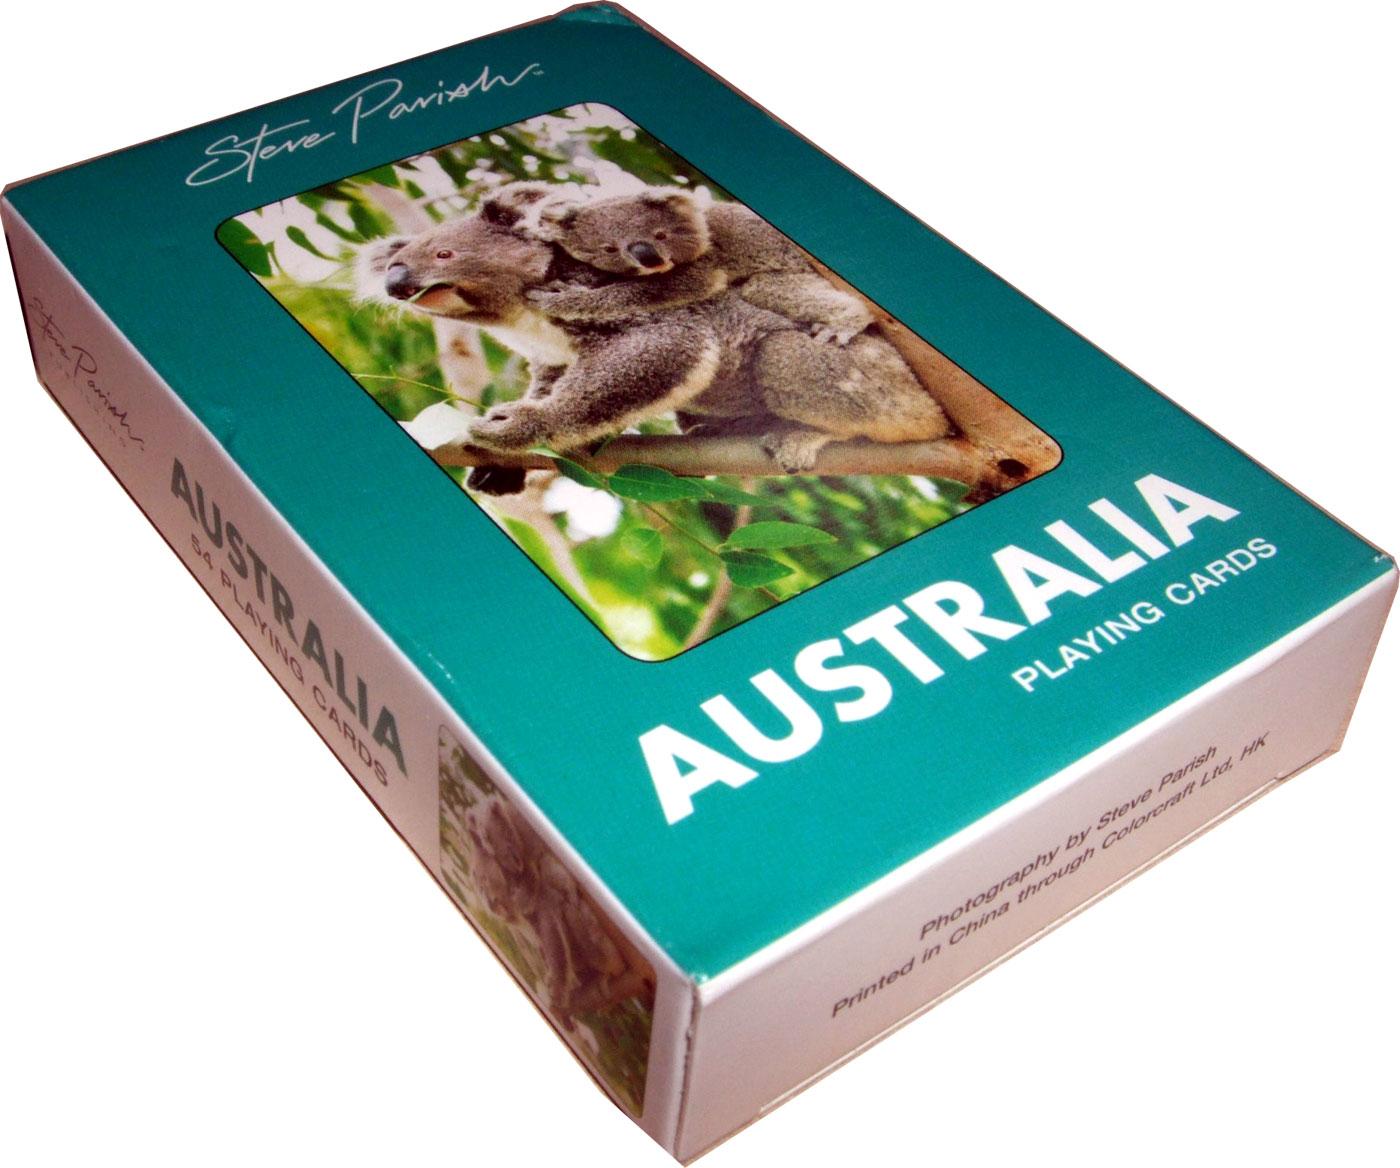 Australia by Steve Parish